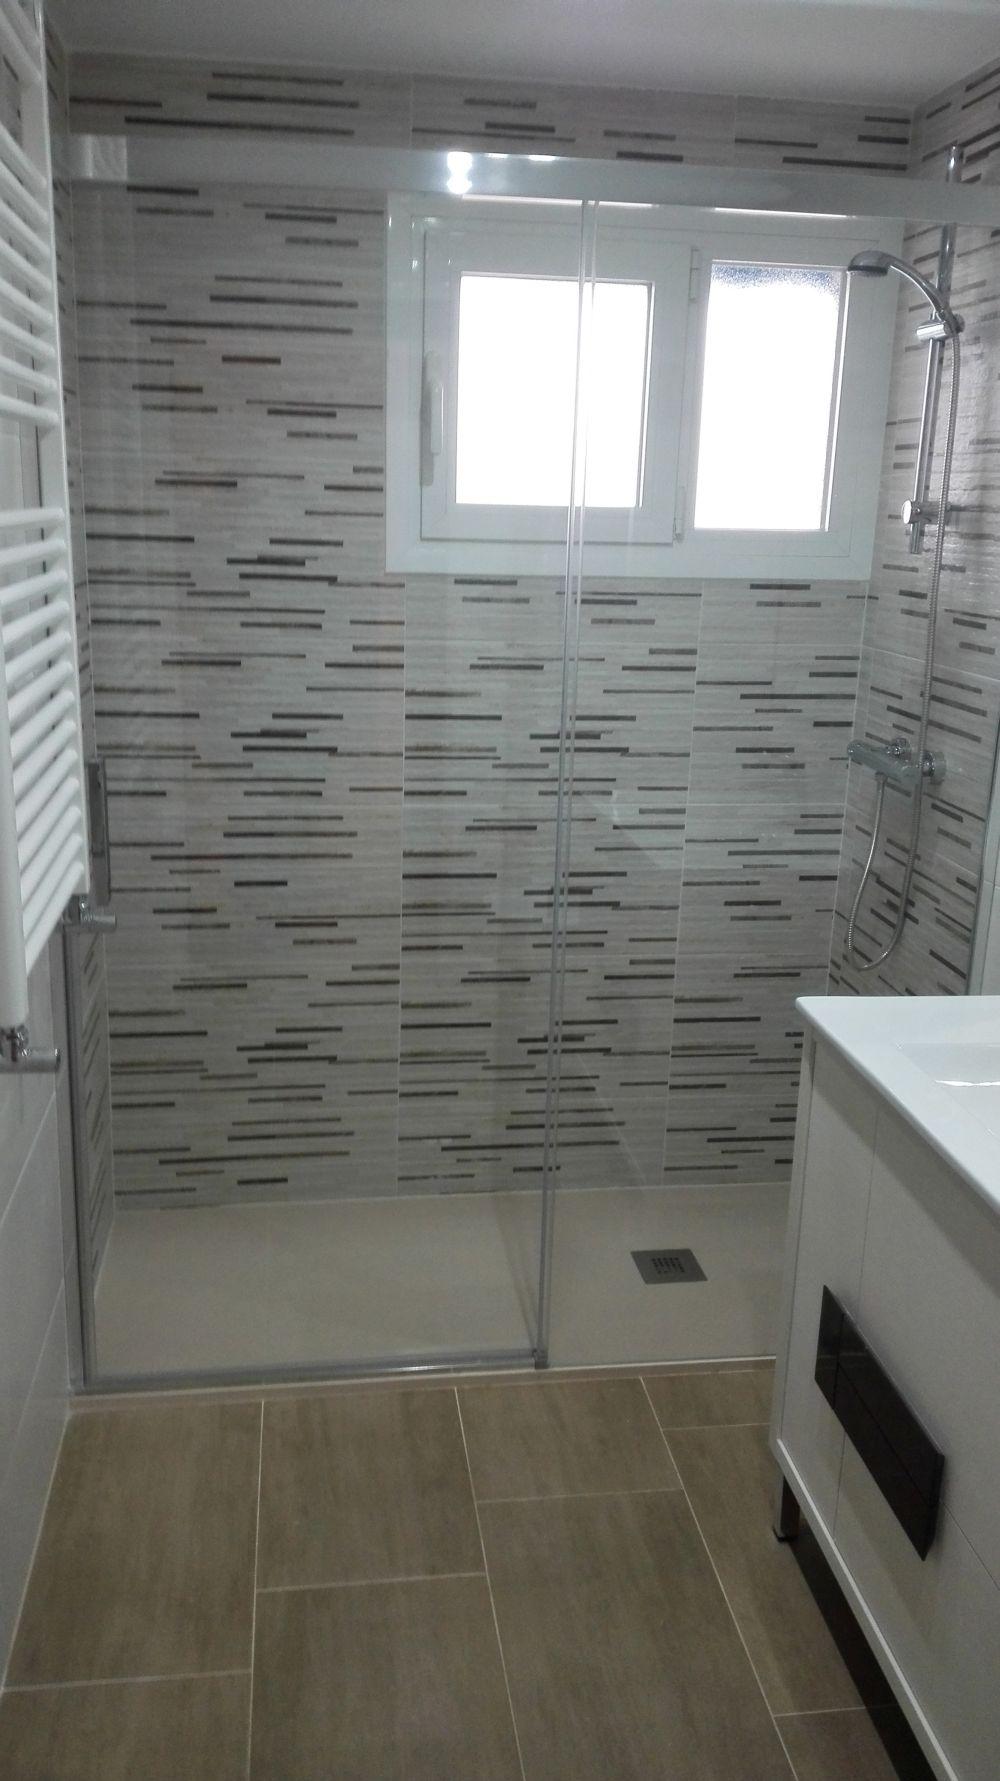 Reforma Baño Integral:reforma integral baño reforma integral baño reforma integral baño